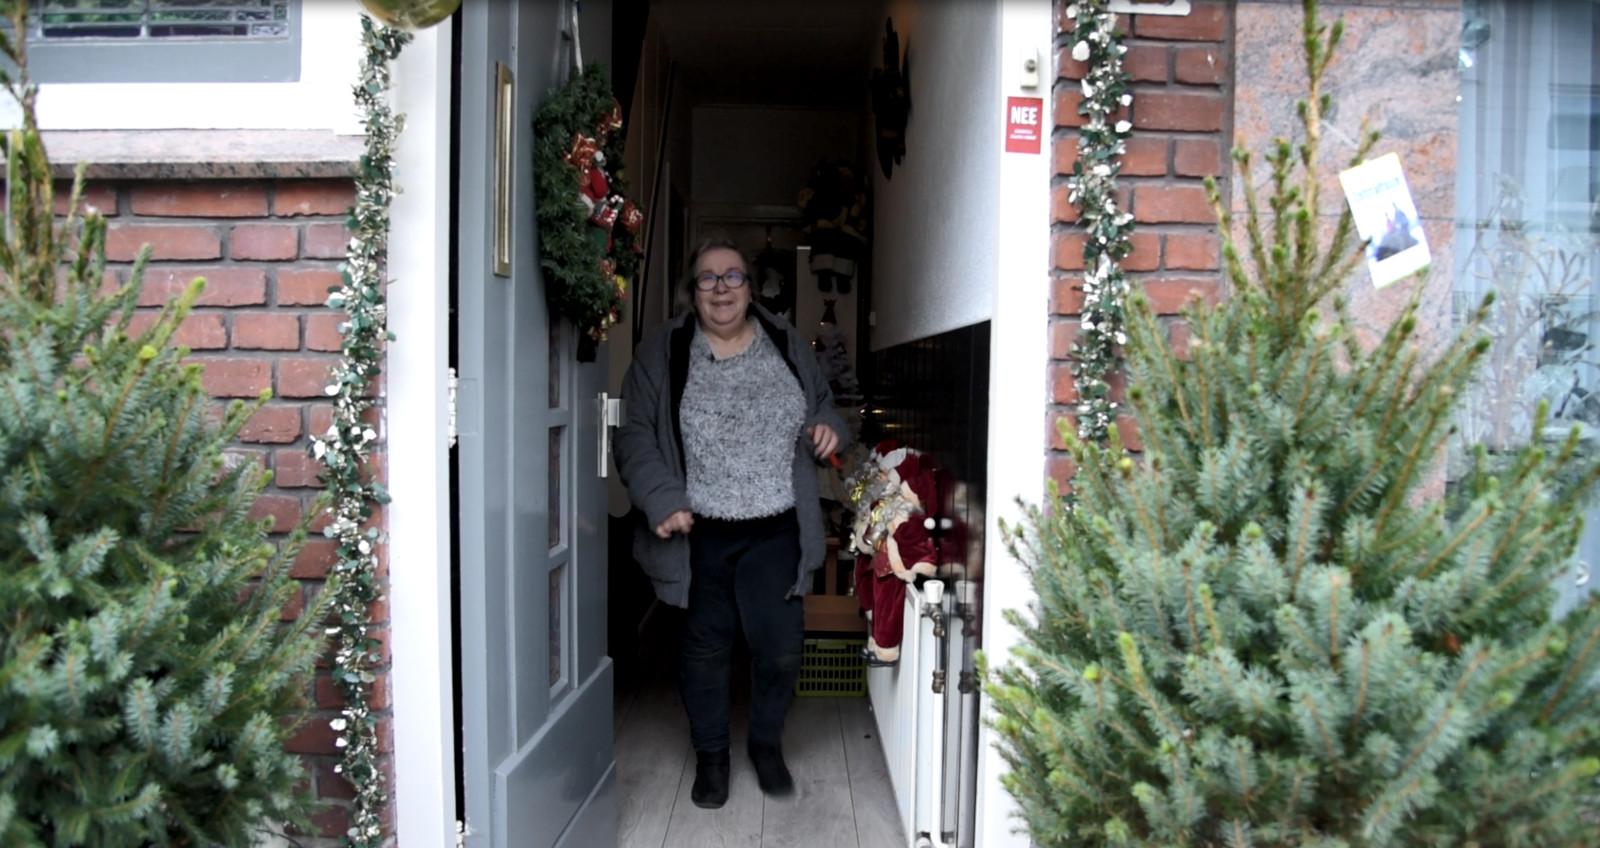 67 jarige kerstfanaat uit enschede tovert huis om tot kerstpaleis